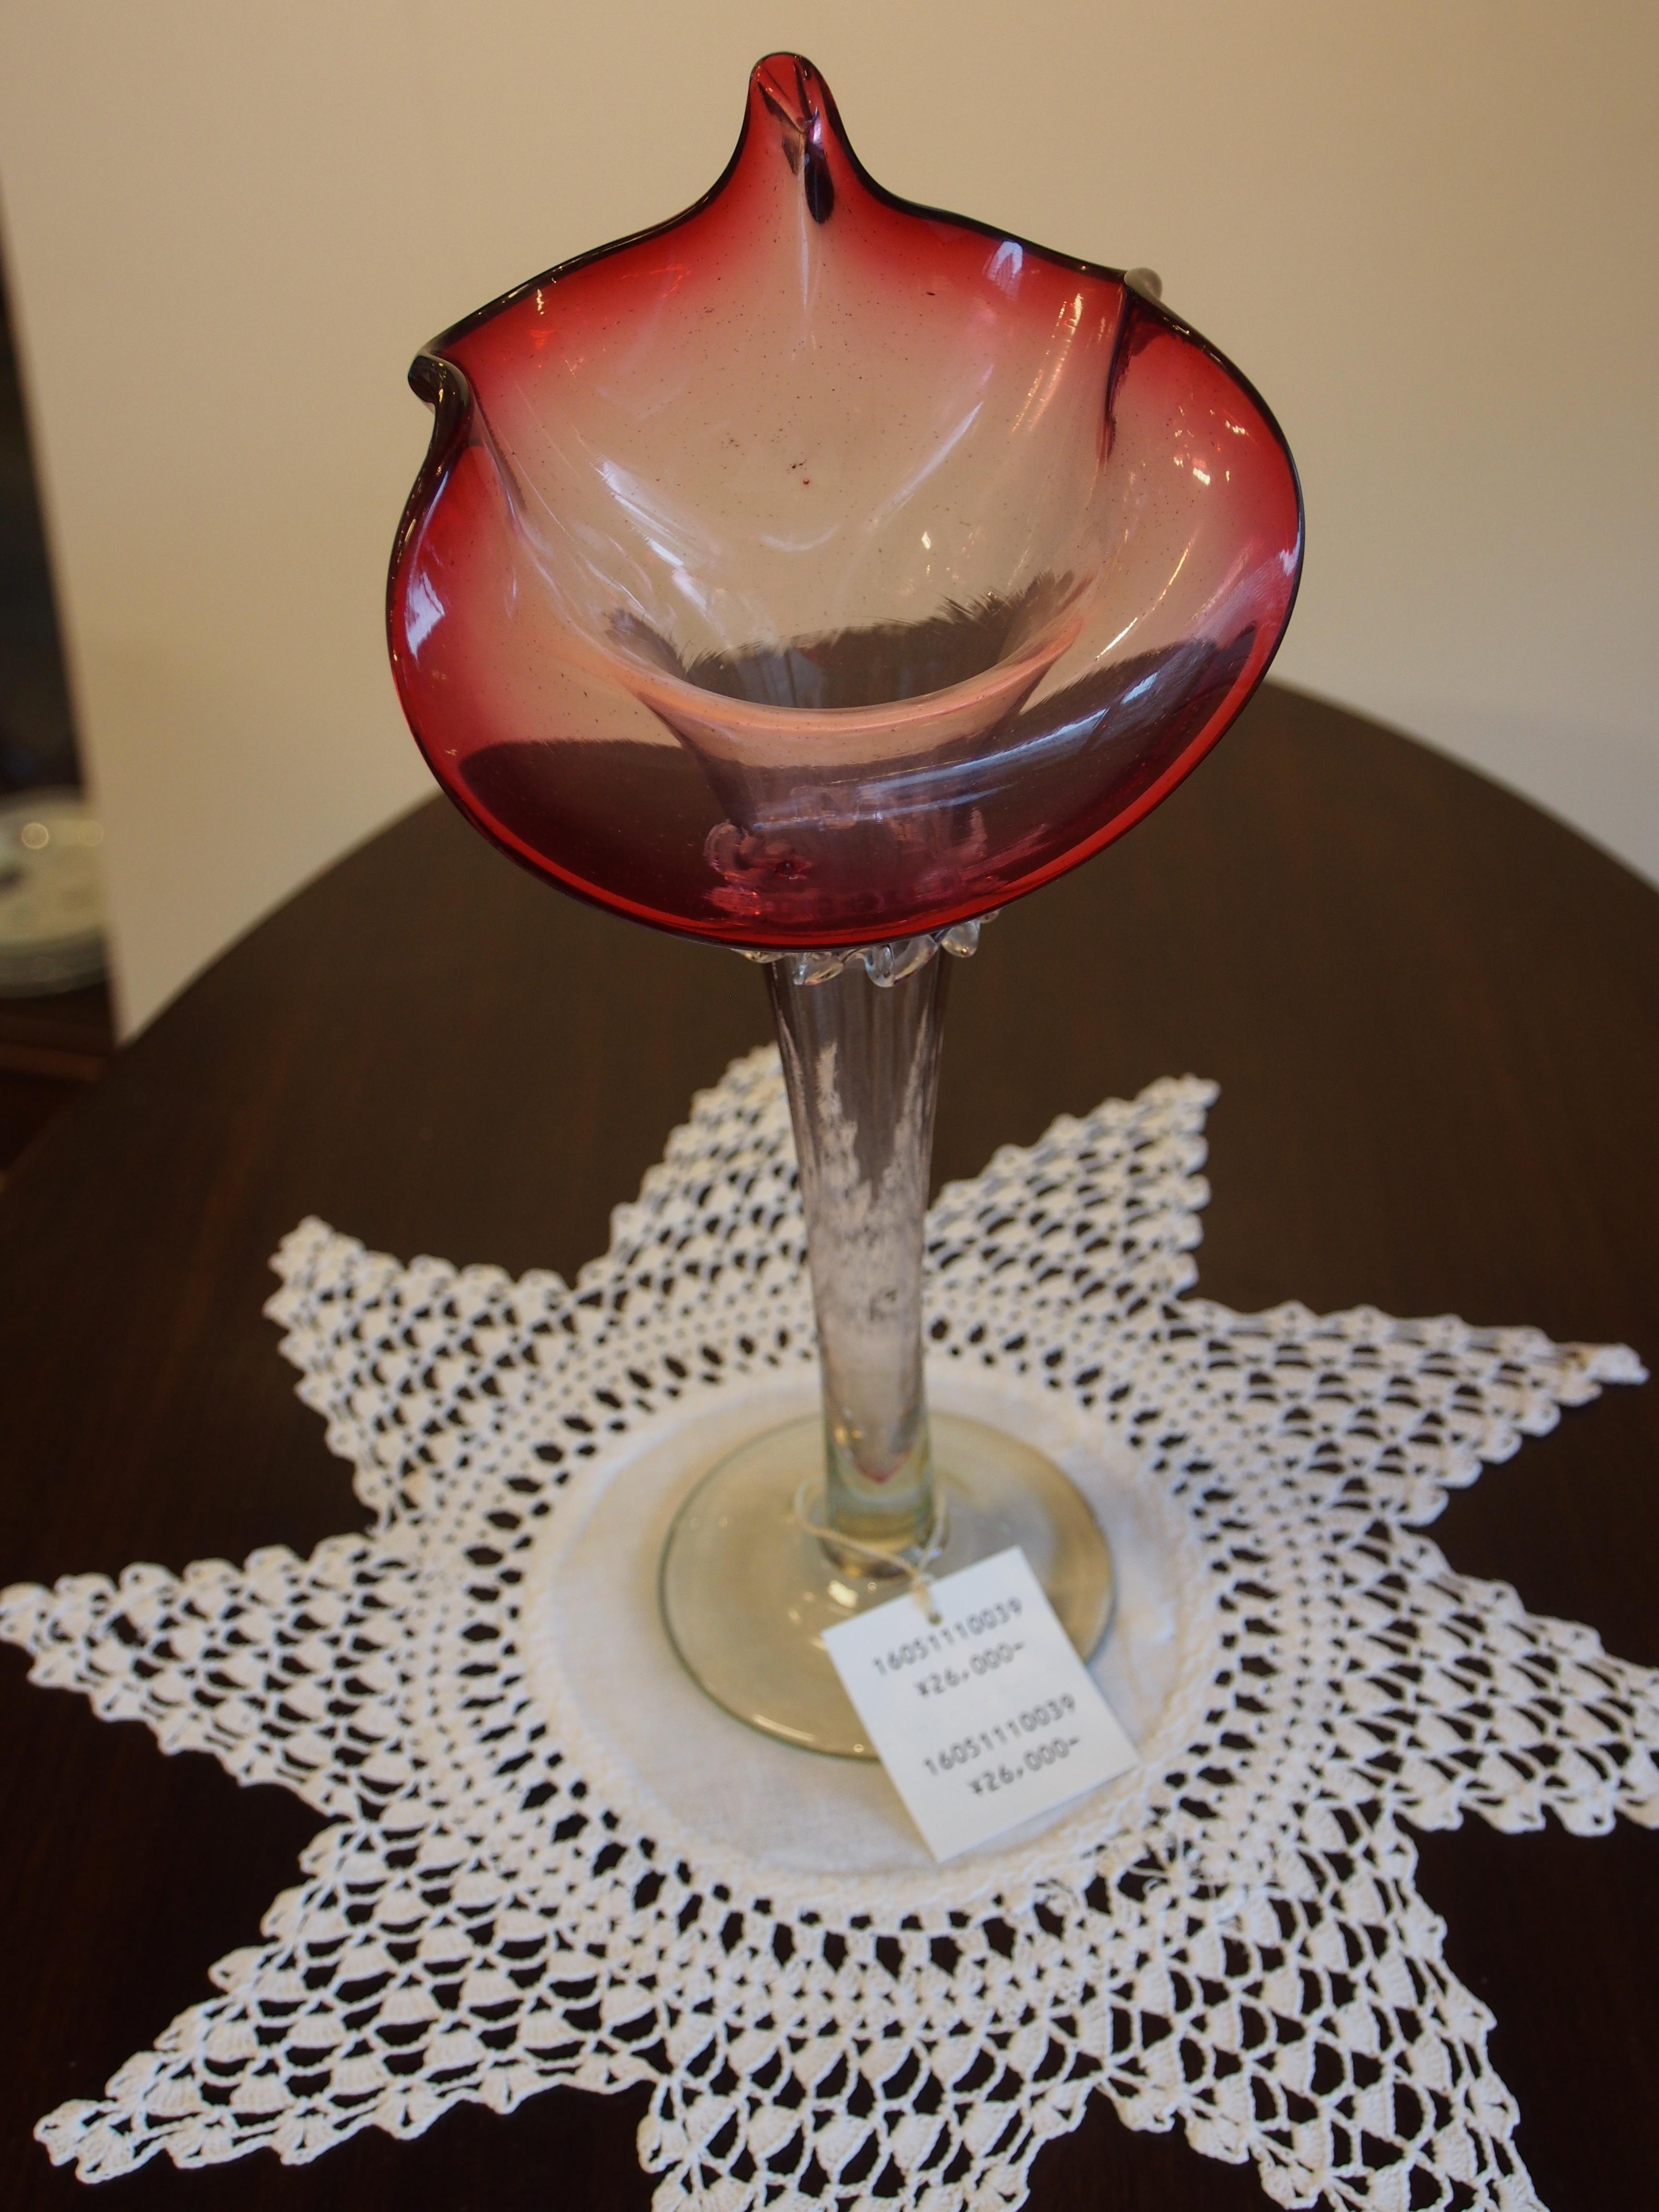 アンティーク 花瓶 フラワーベース クランベリーガラス ゴールドルビー コレクターアイテム イギリス ビンテージ アンティーク家具大阪 イギリスアンティークショップ ツインアンティークス TWIN ANTIQUES